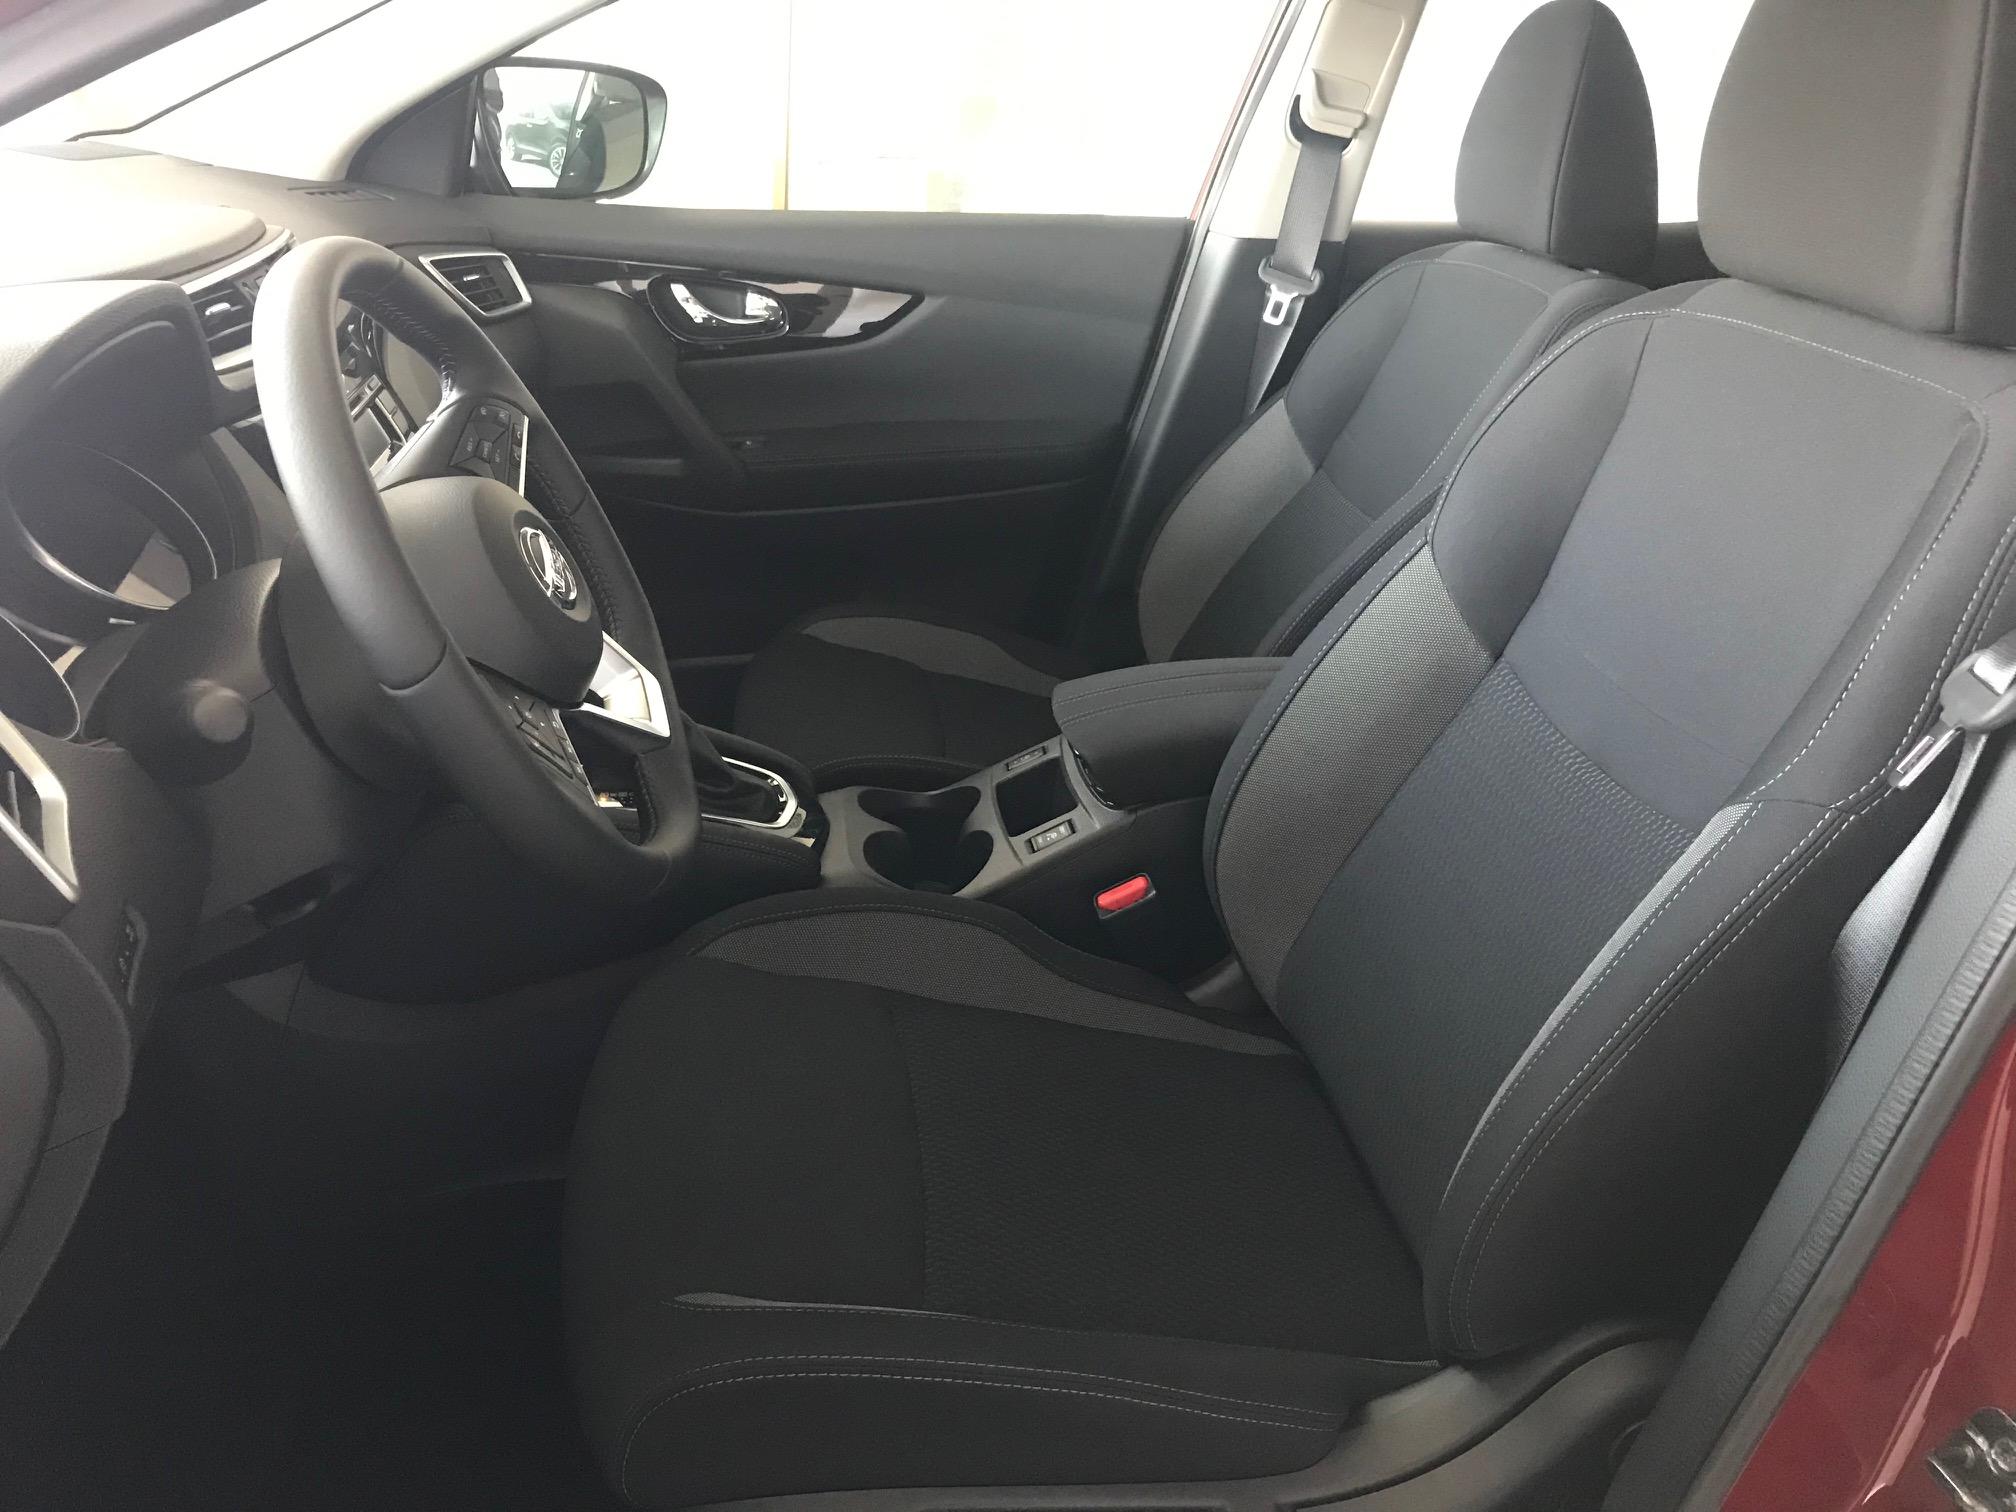 new_avto-2062134341.jpg